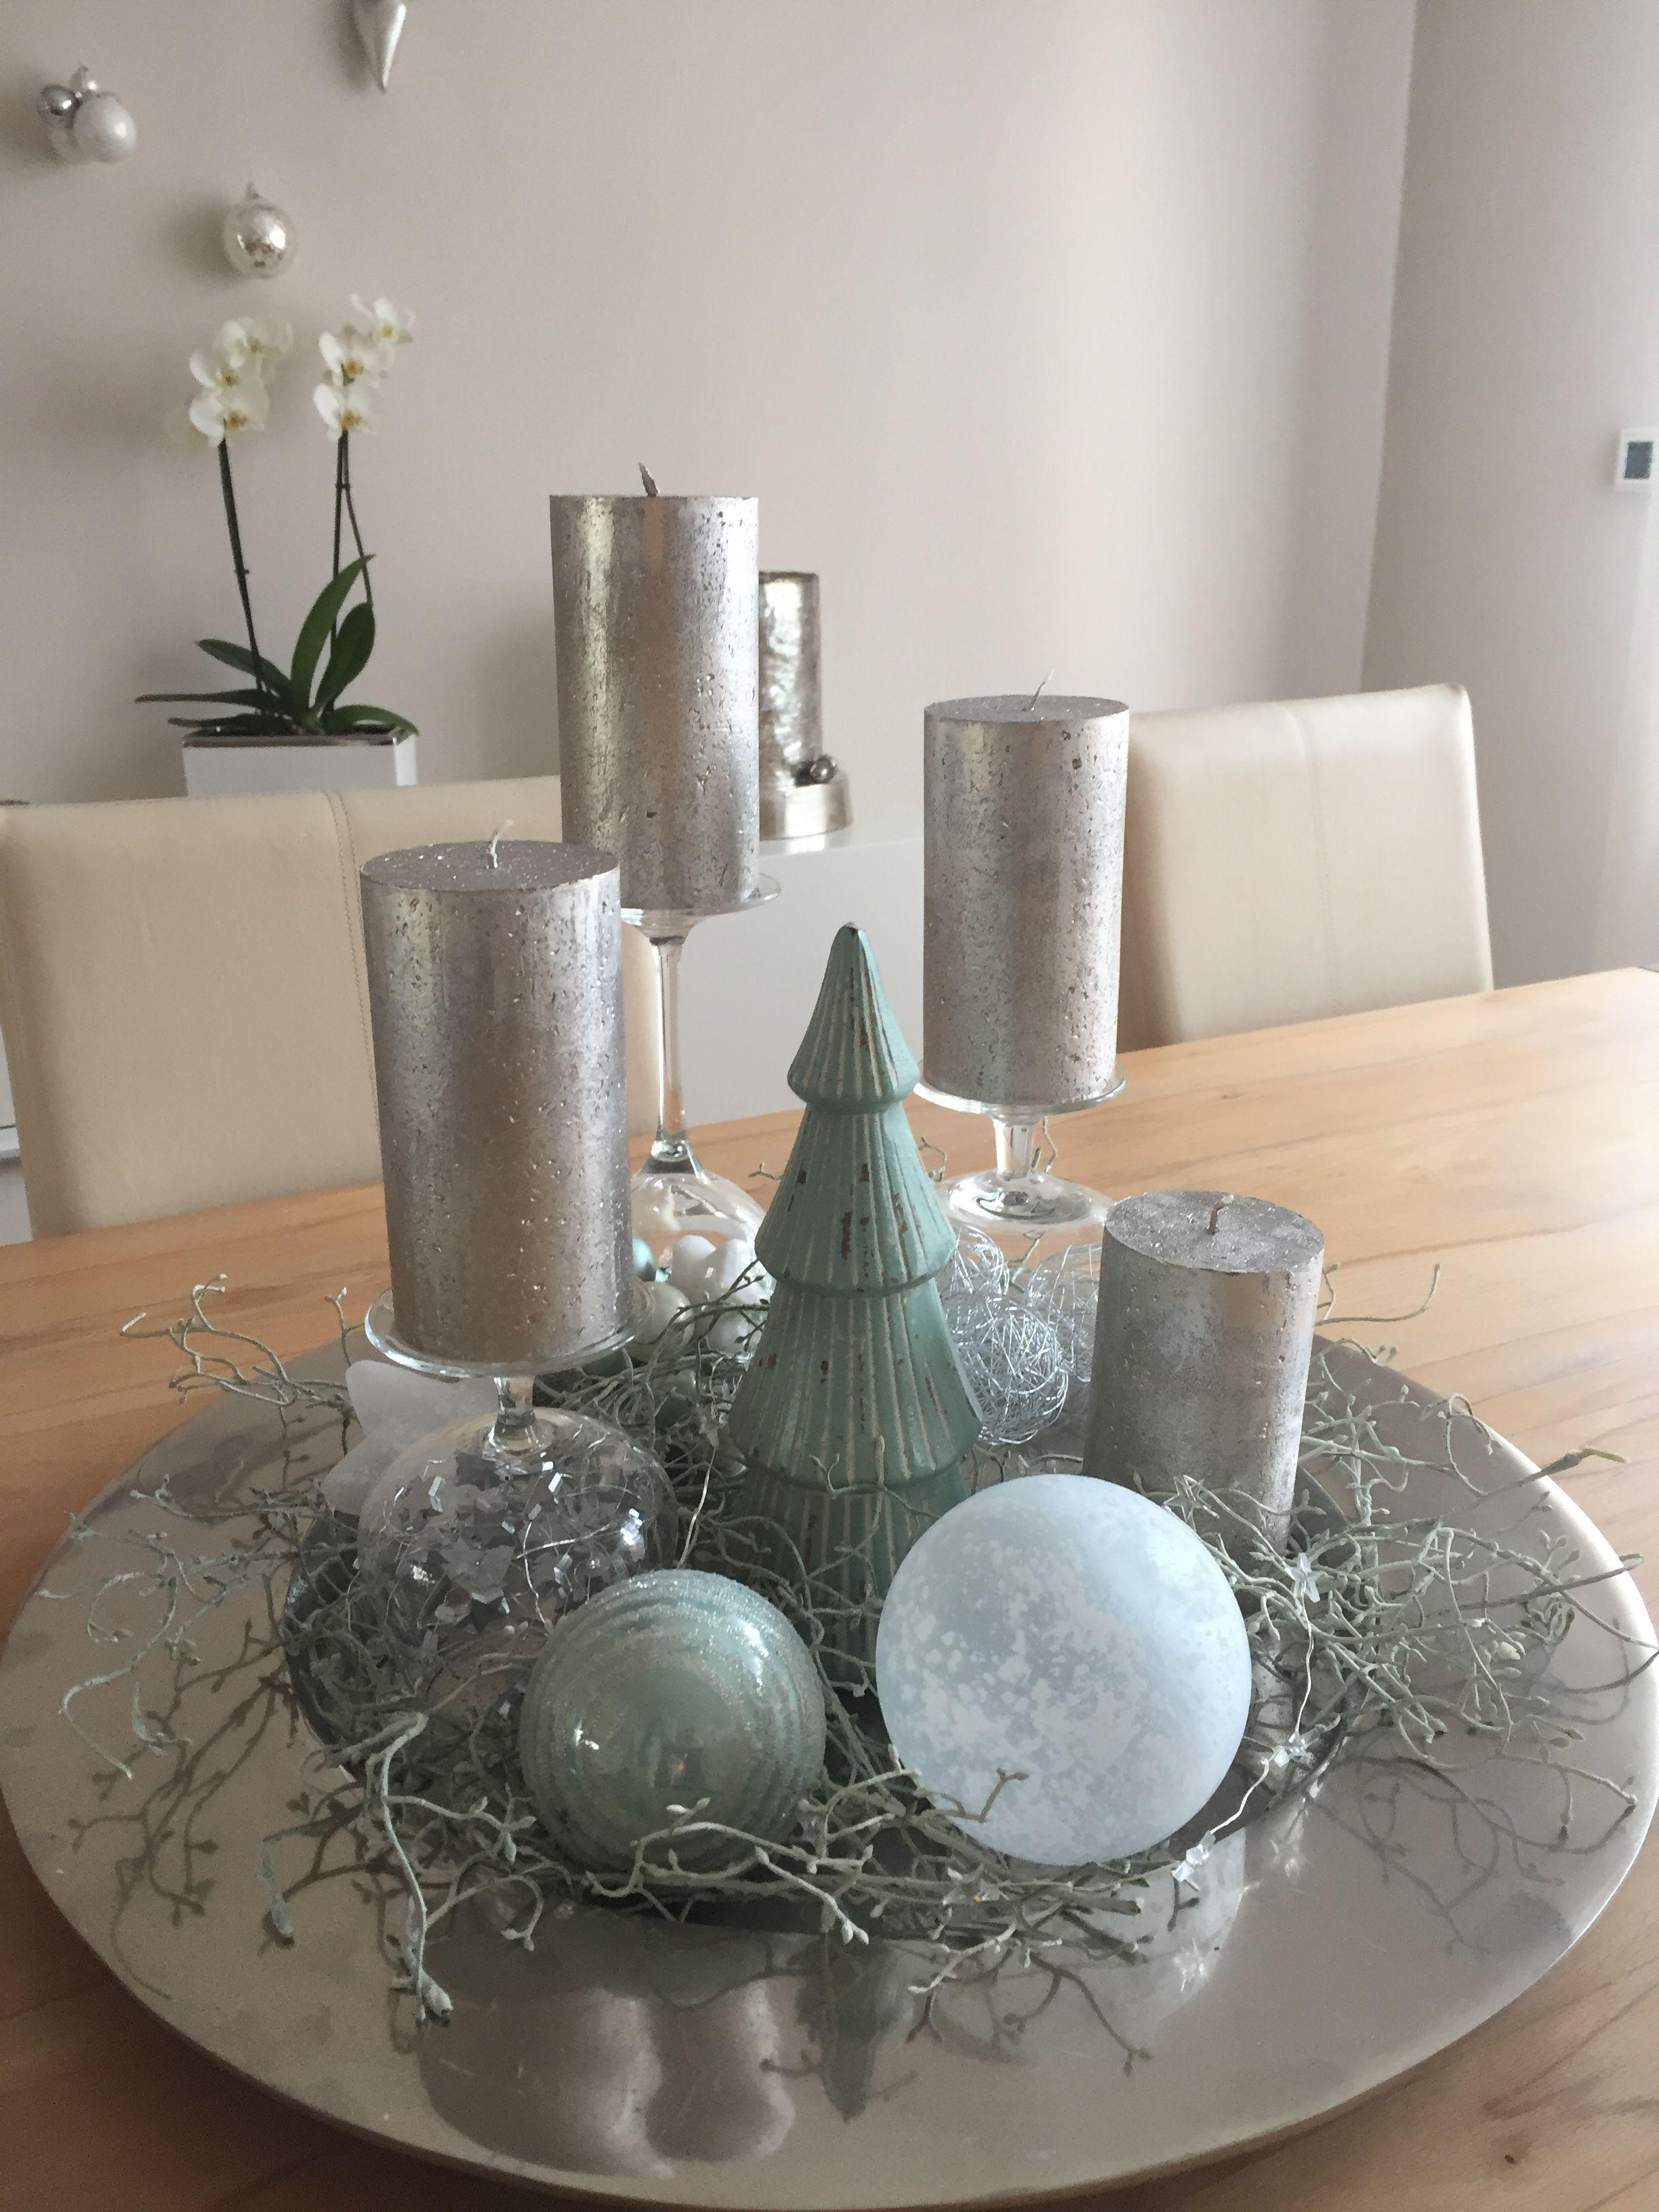 nach machen #weihnachtendekorationtischdekoration nach machen #rustikaleweihnachtentischdeko